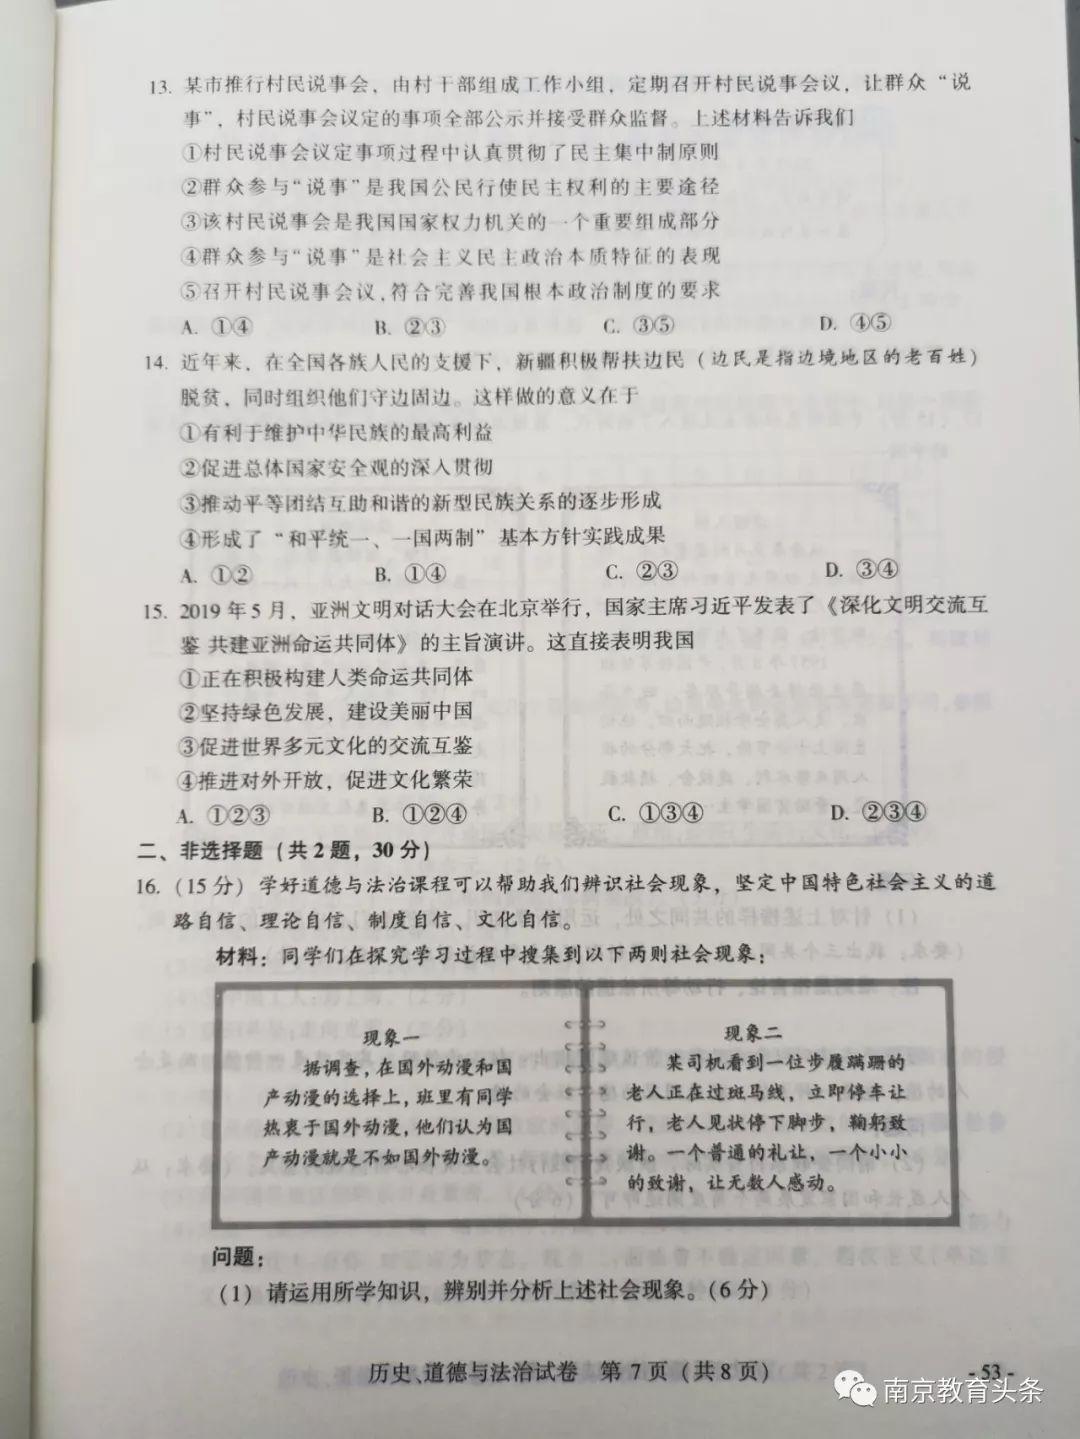 2019年江苏南京中考思品真题及答案已公布